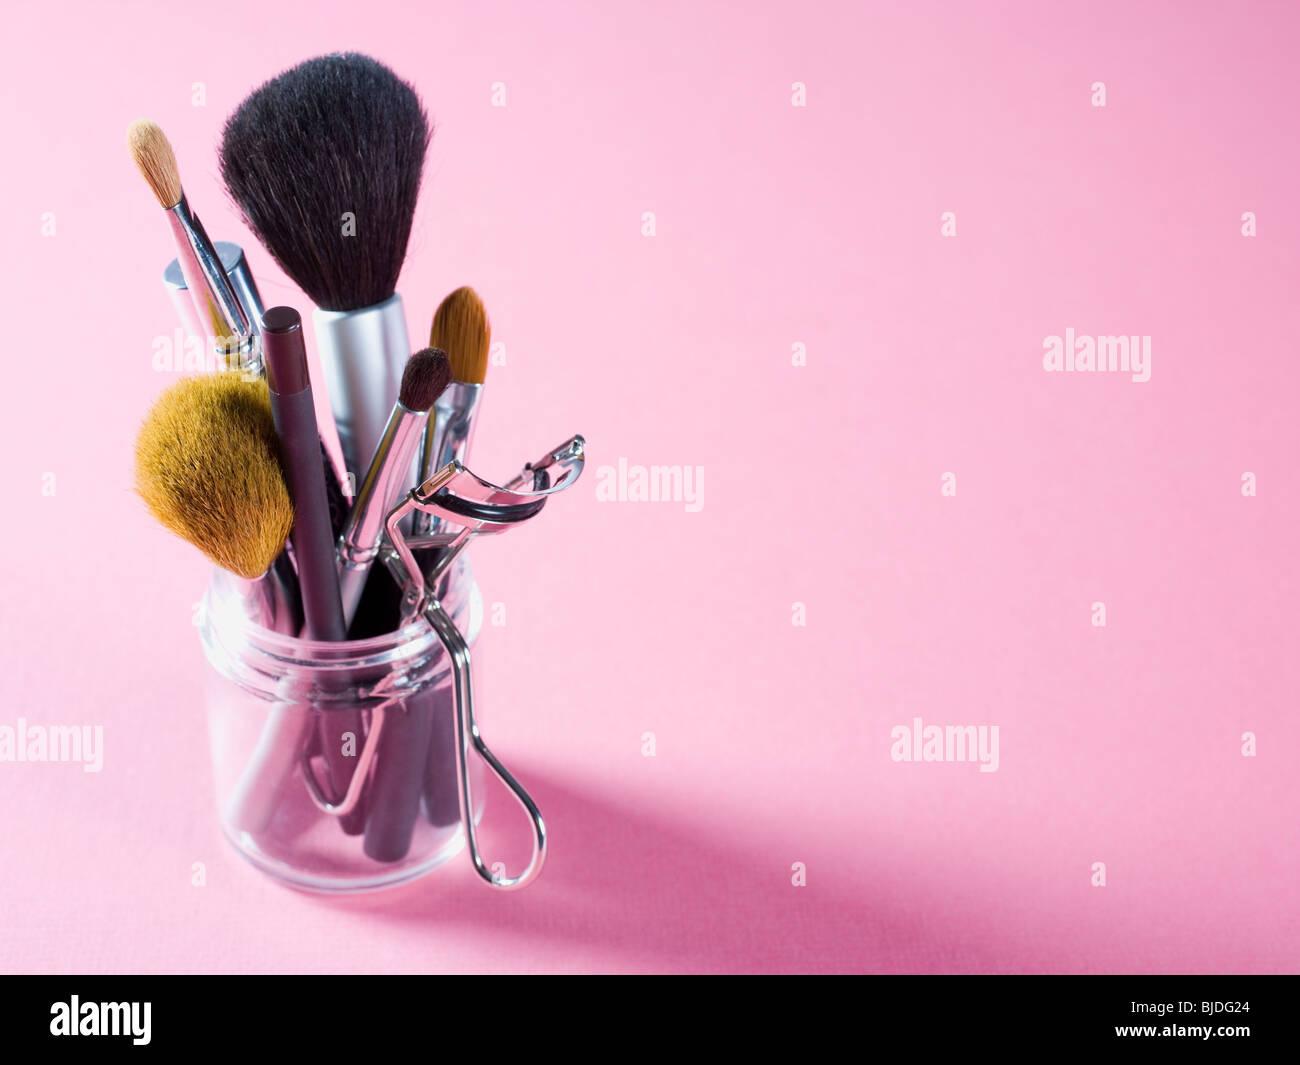 Verschiedene Make-up Pinsel und Kosmetik Instrumente. Stockbild